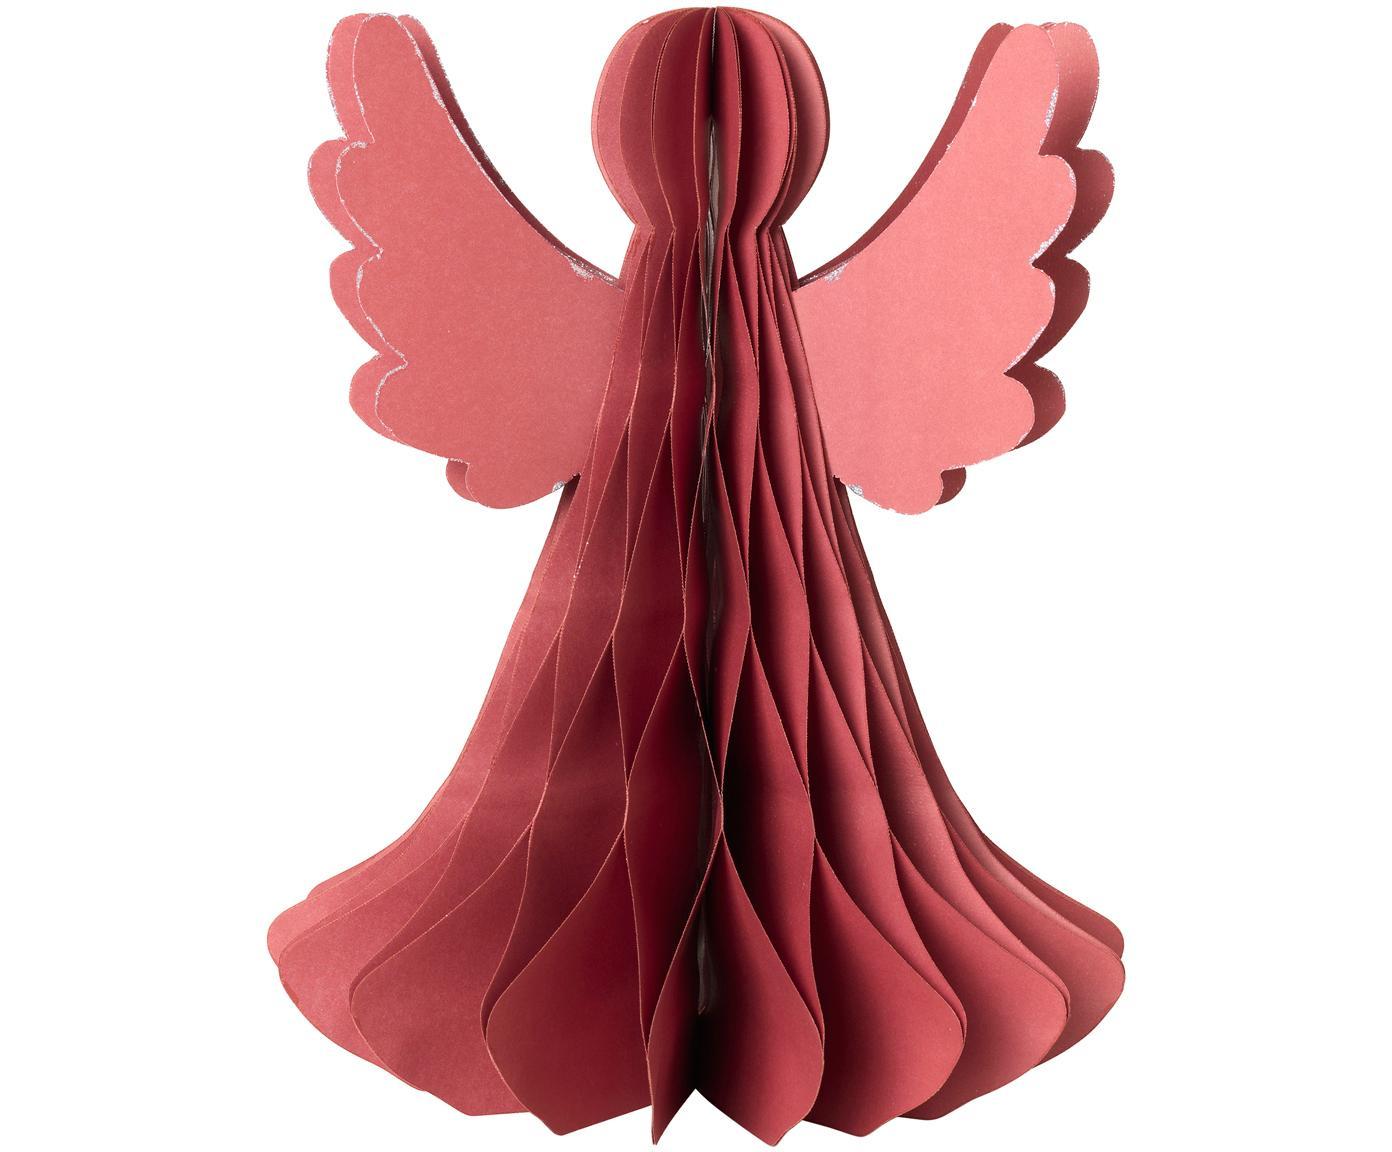 Dekoracja XL Angel, Papier, Czerwony, Ø 21 x W 27 cm